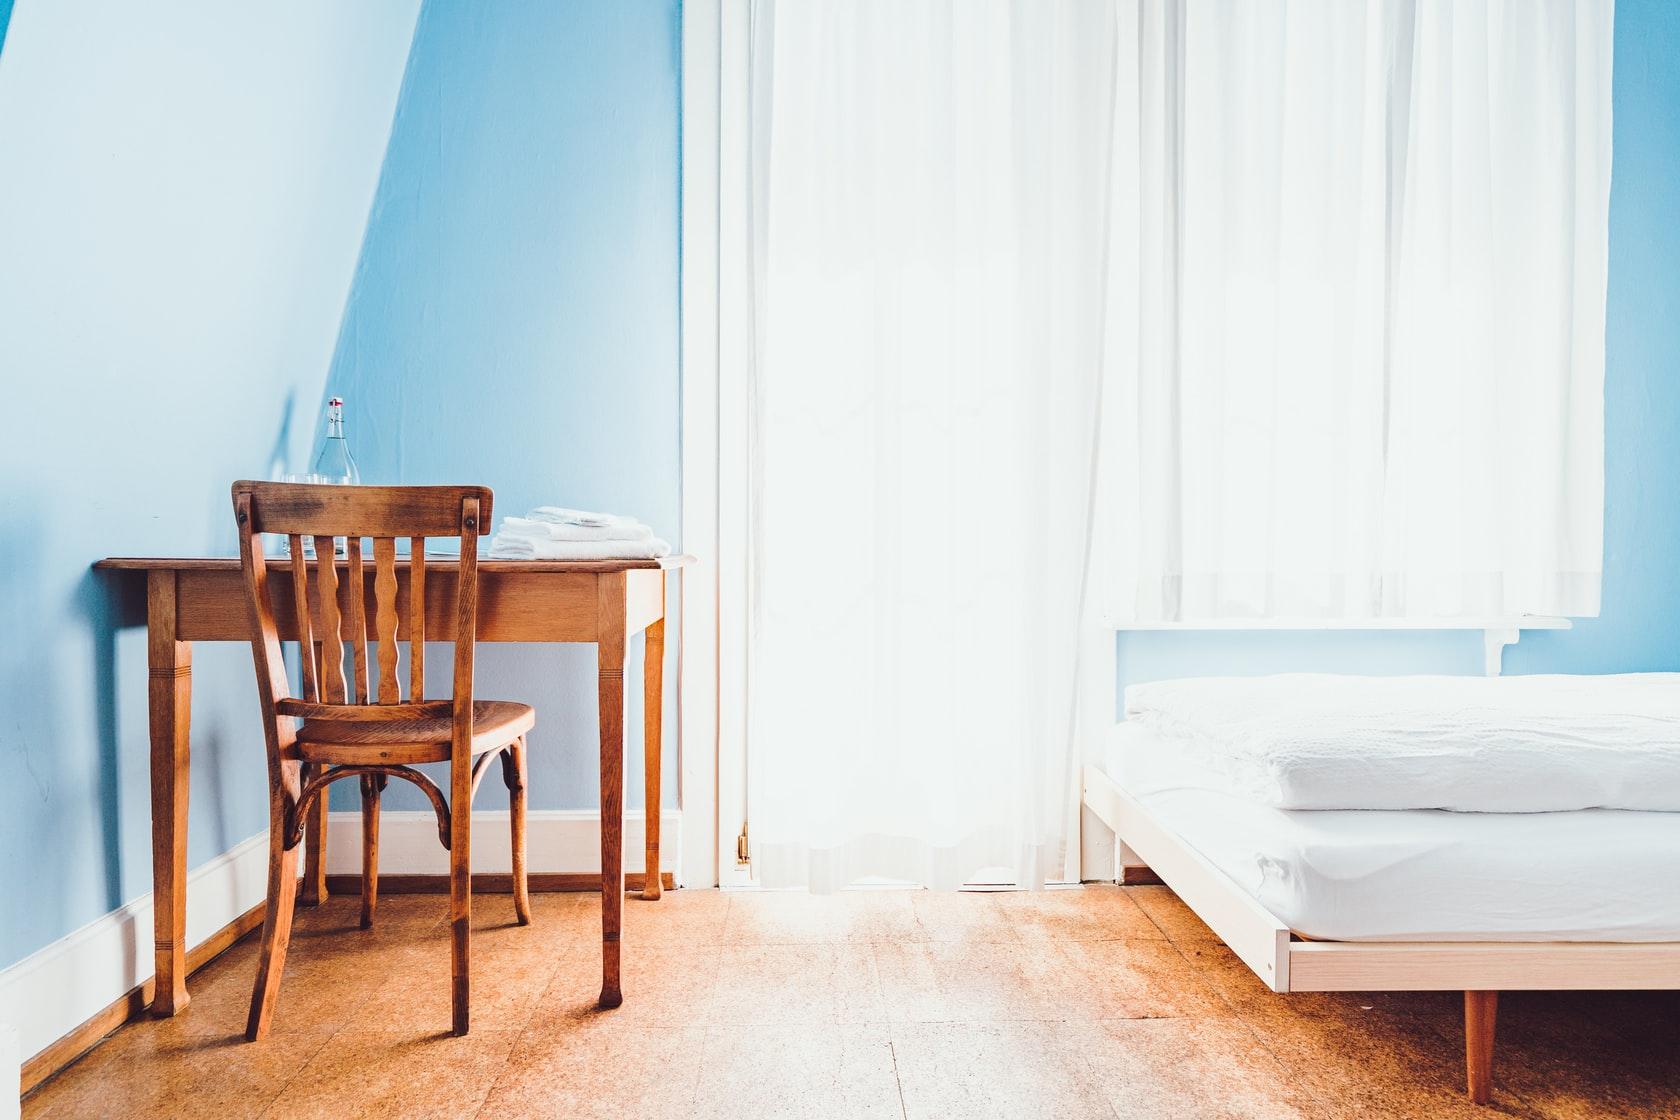 косметический ремонт квартиры, стоимость 1 кв м косметического ремонта квартиры, ремонт квартиры Воронеж, отделка квартиры студии цены, дизайнерский ремонт под ключ, быстрый ремонт квартиры, рассчитать стоимость ремонт квартиры